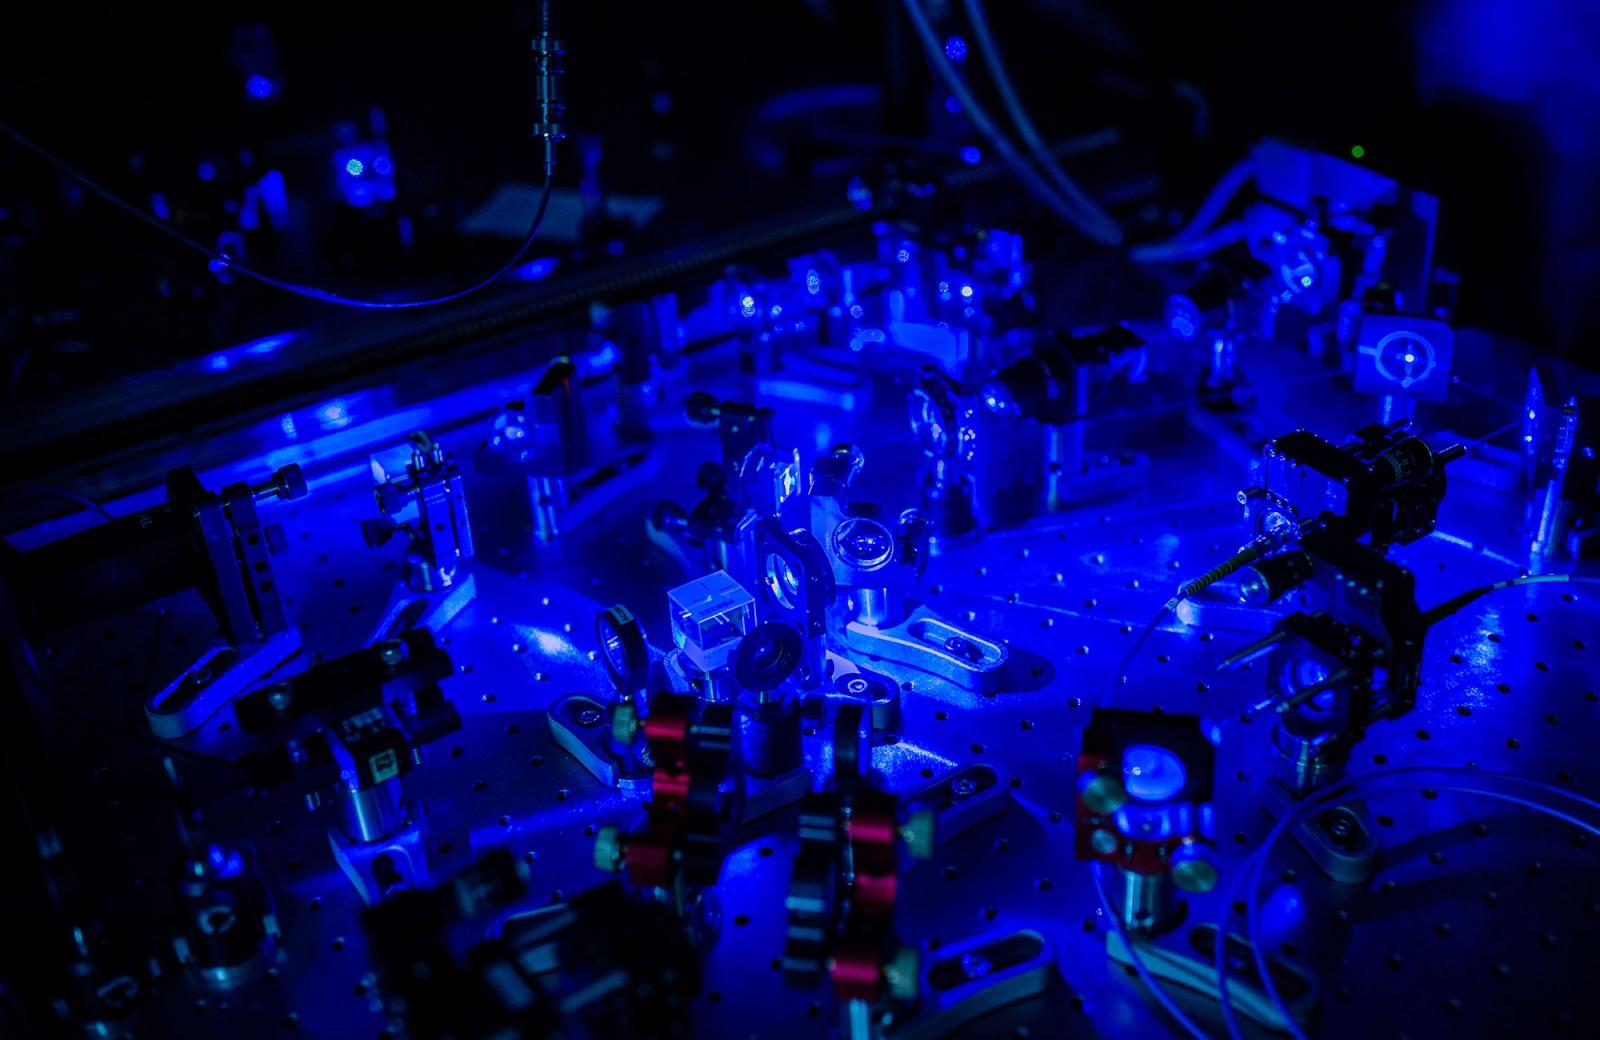 Кажется, эта квантовая машина противоречит стремлению Вселенной к беспорядку - 4